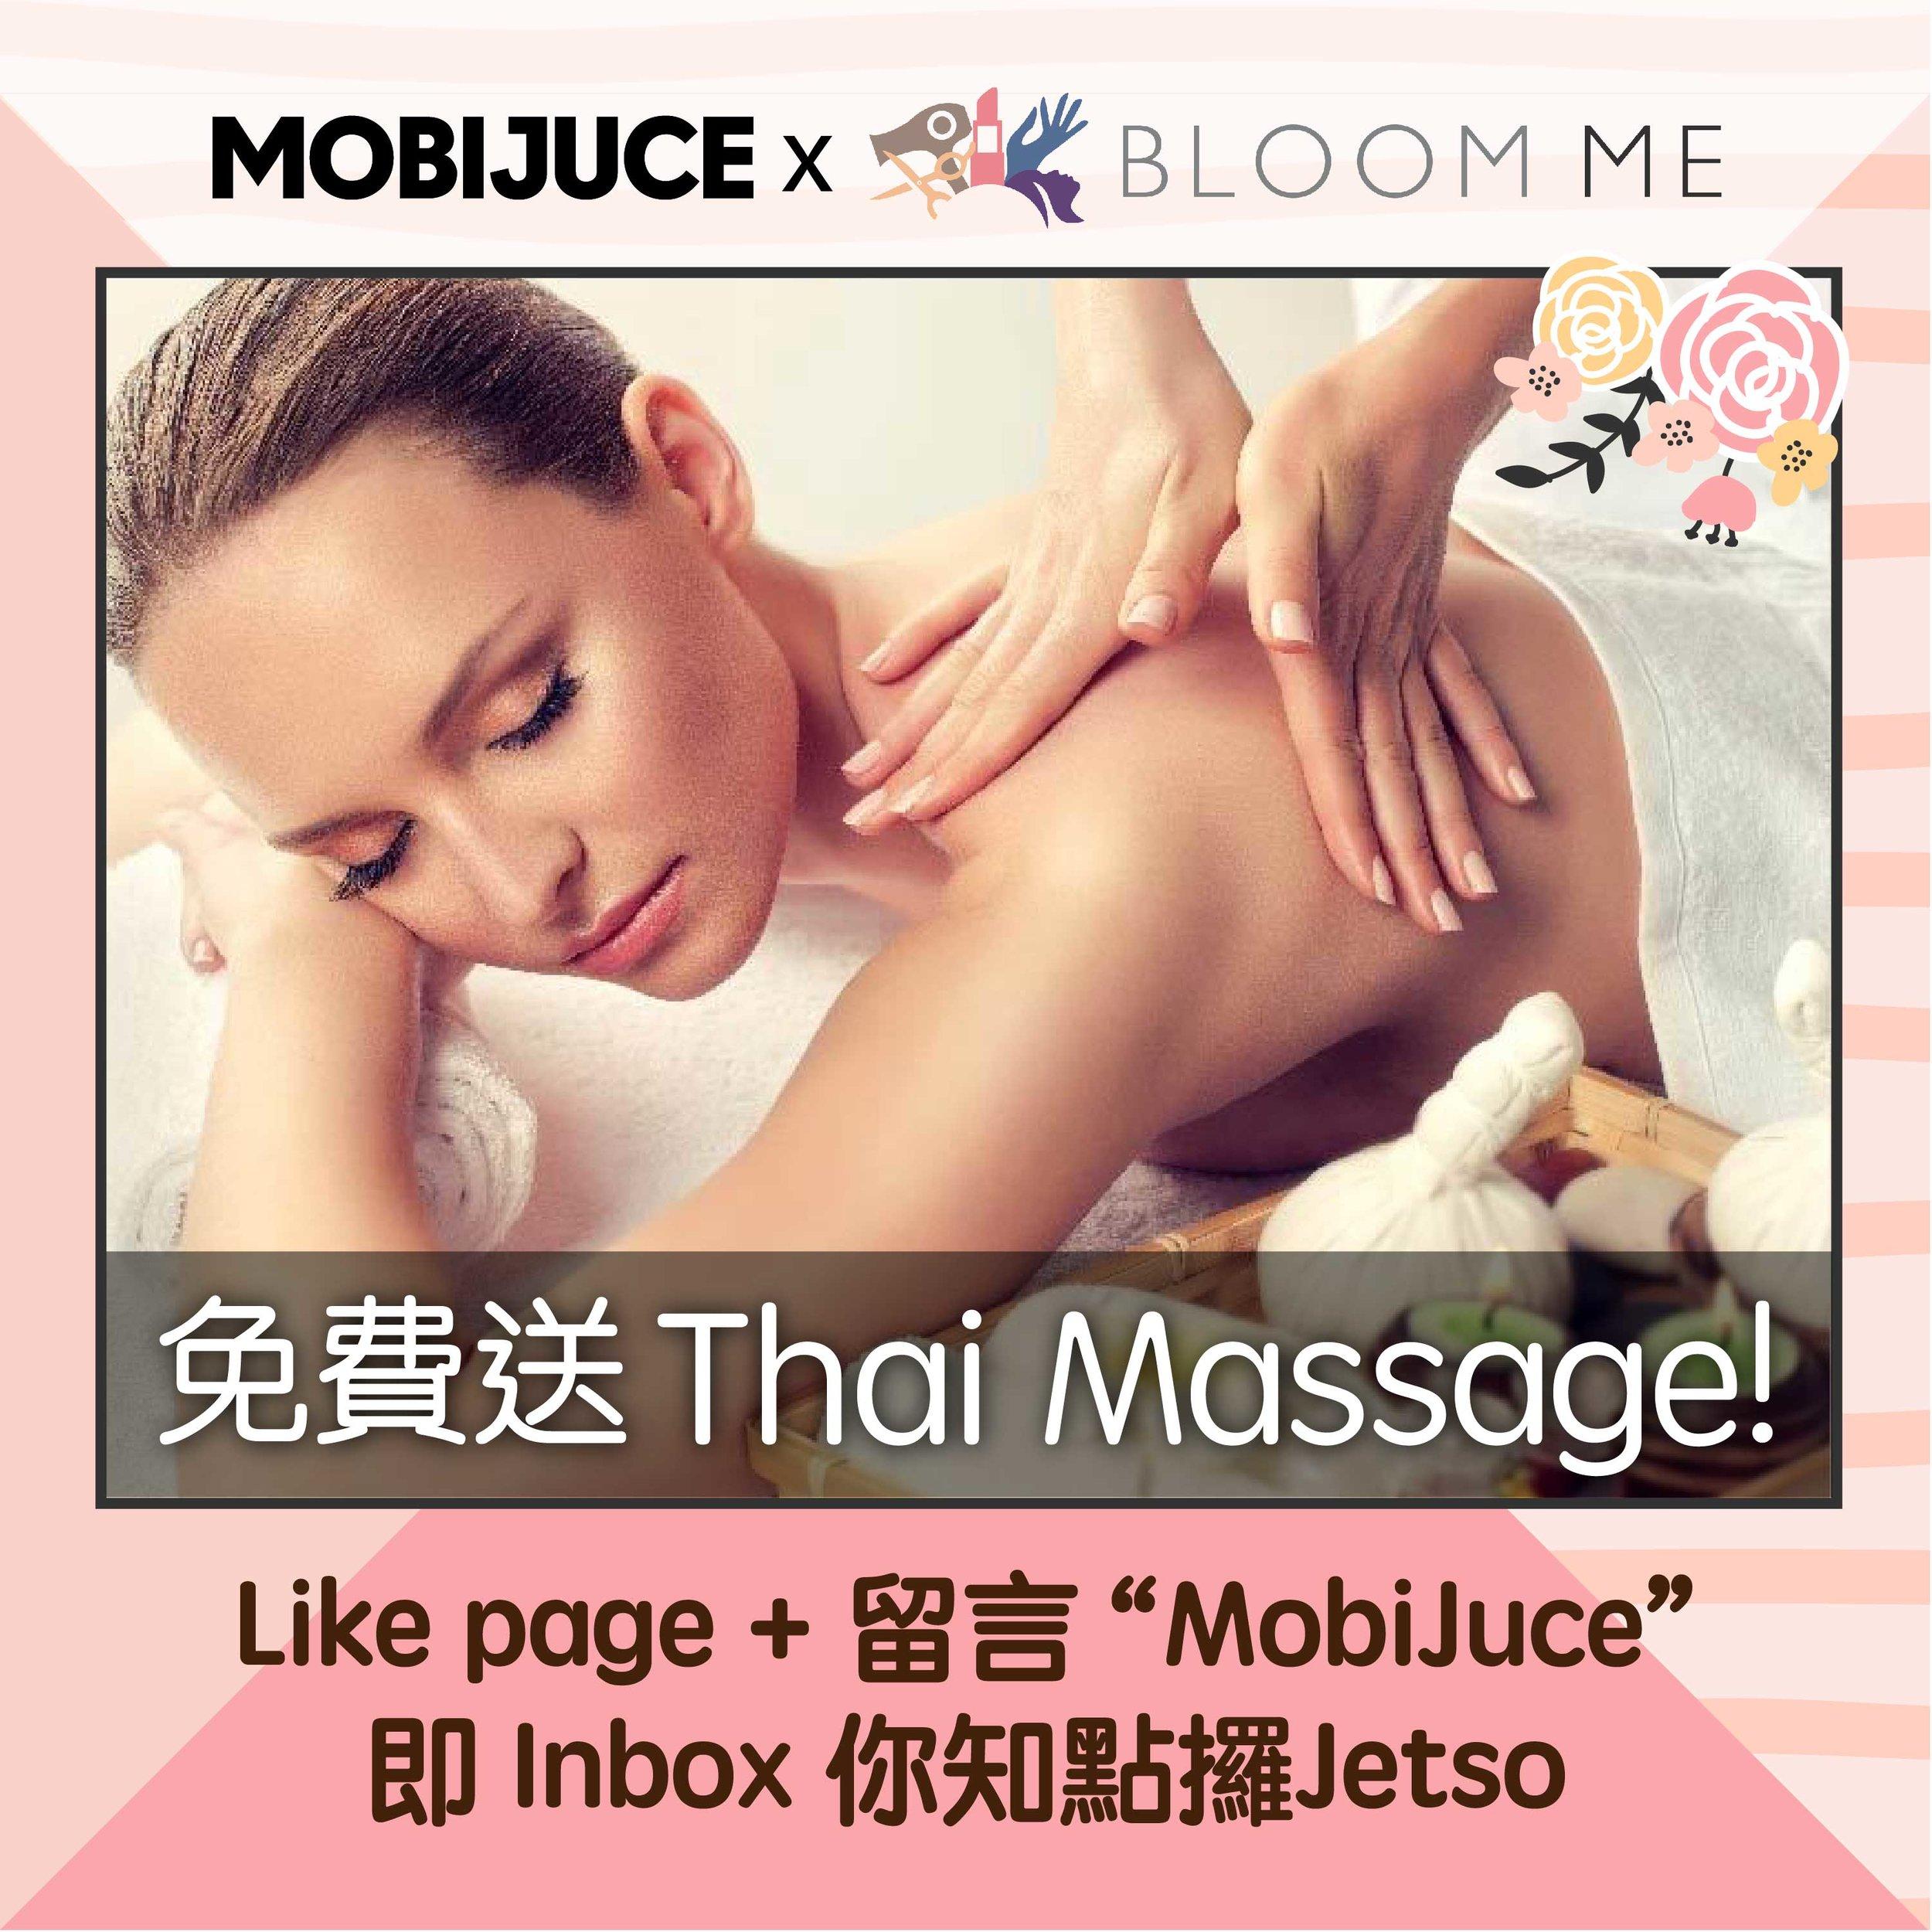 BloomMe_FBfeed_v3.jpg